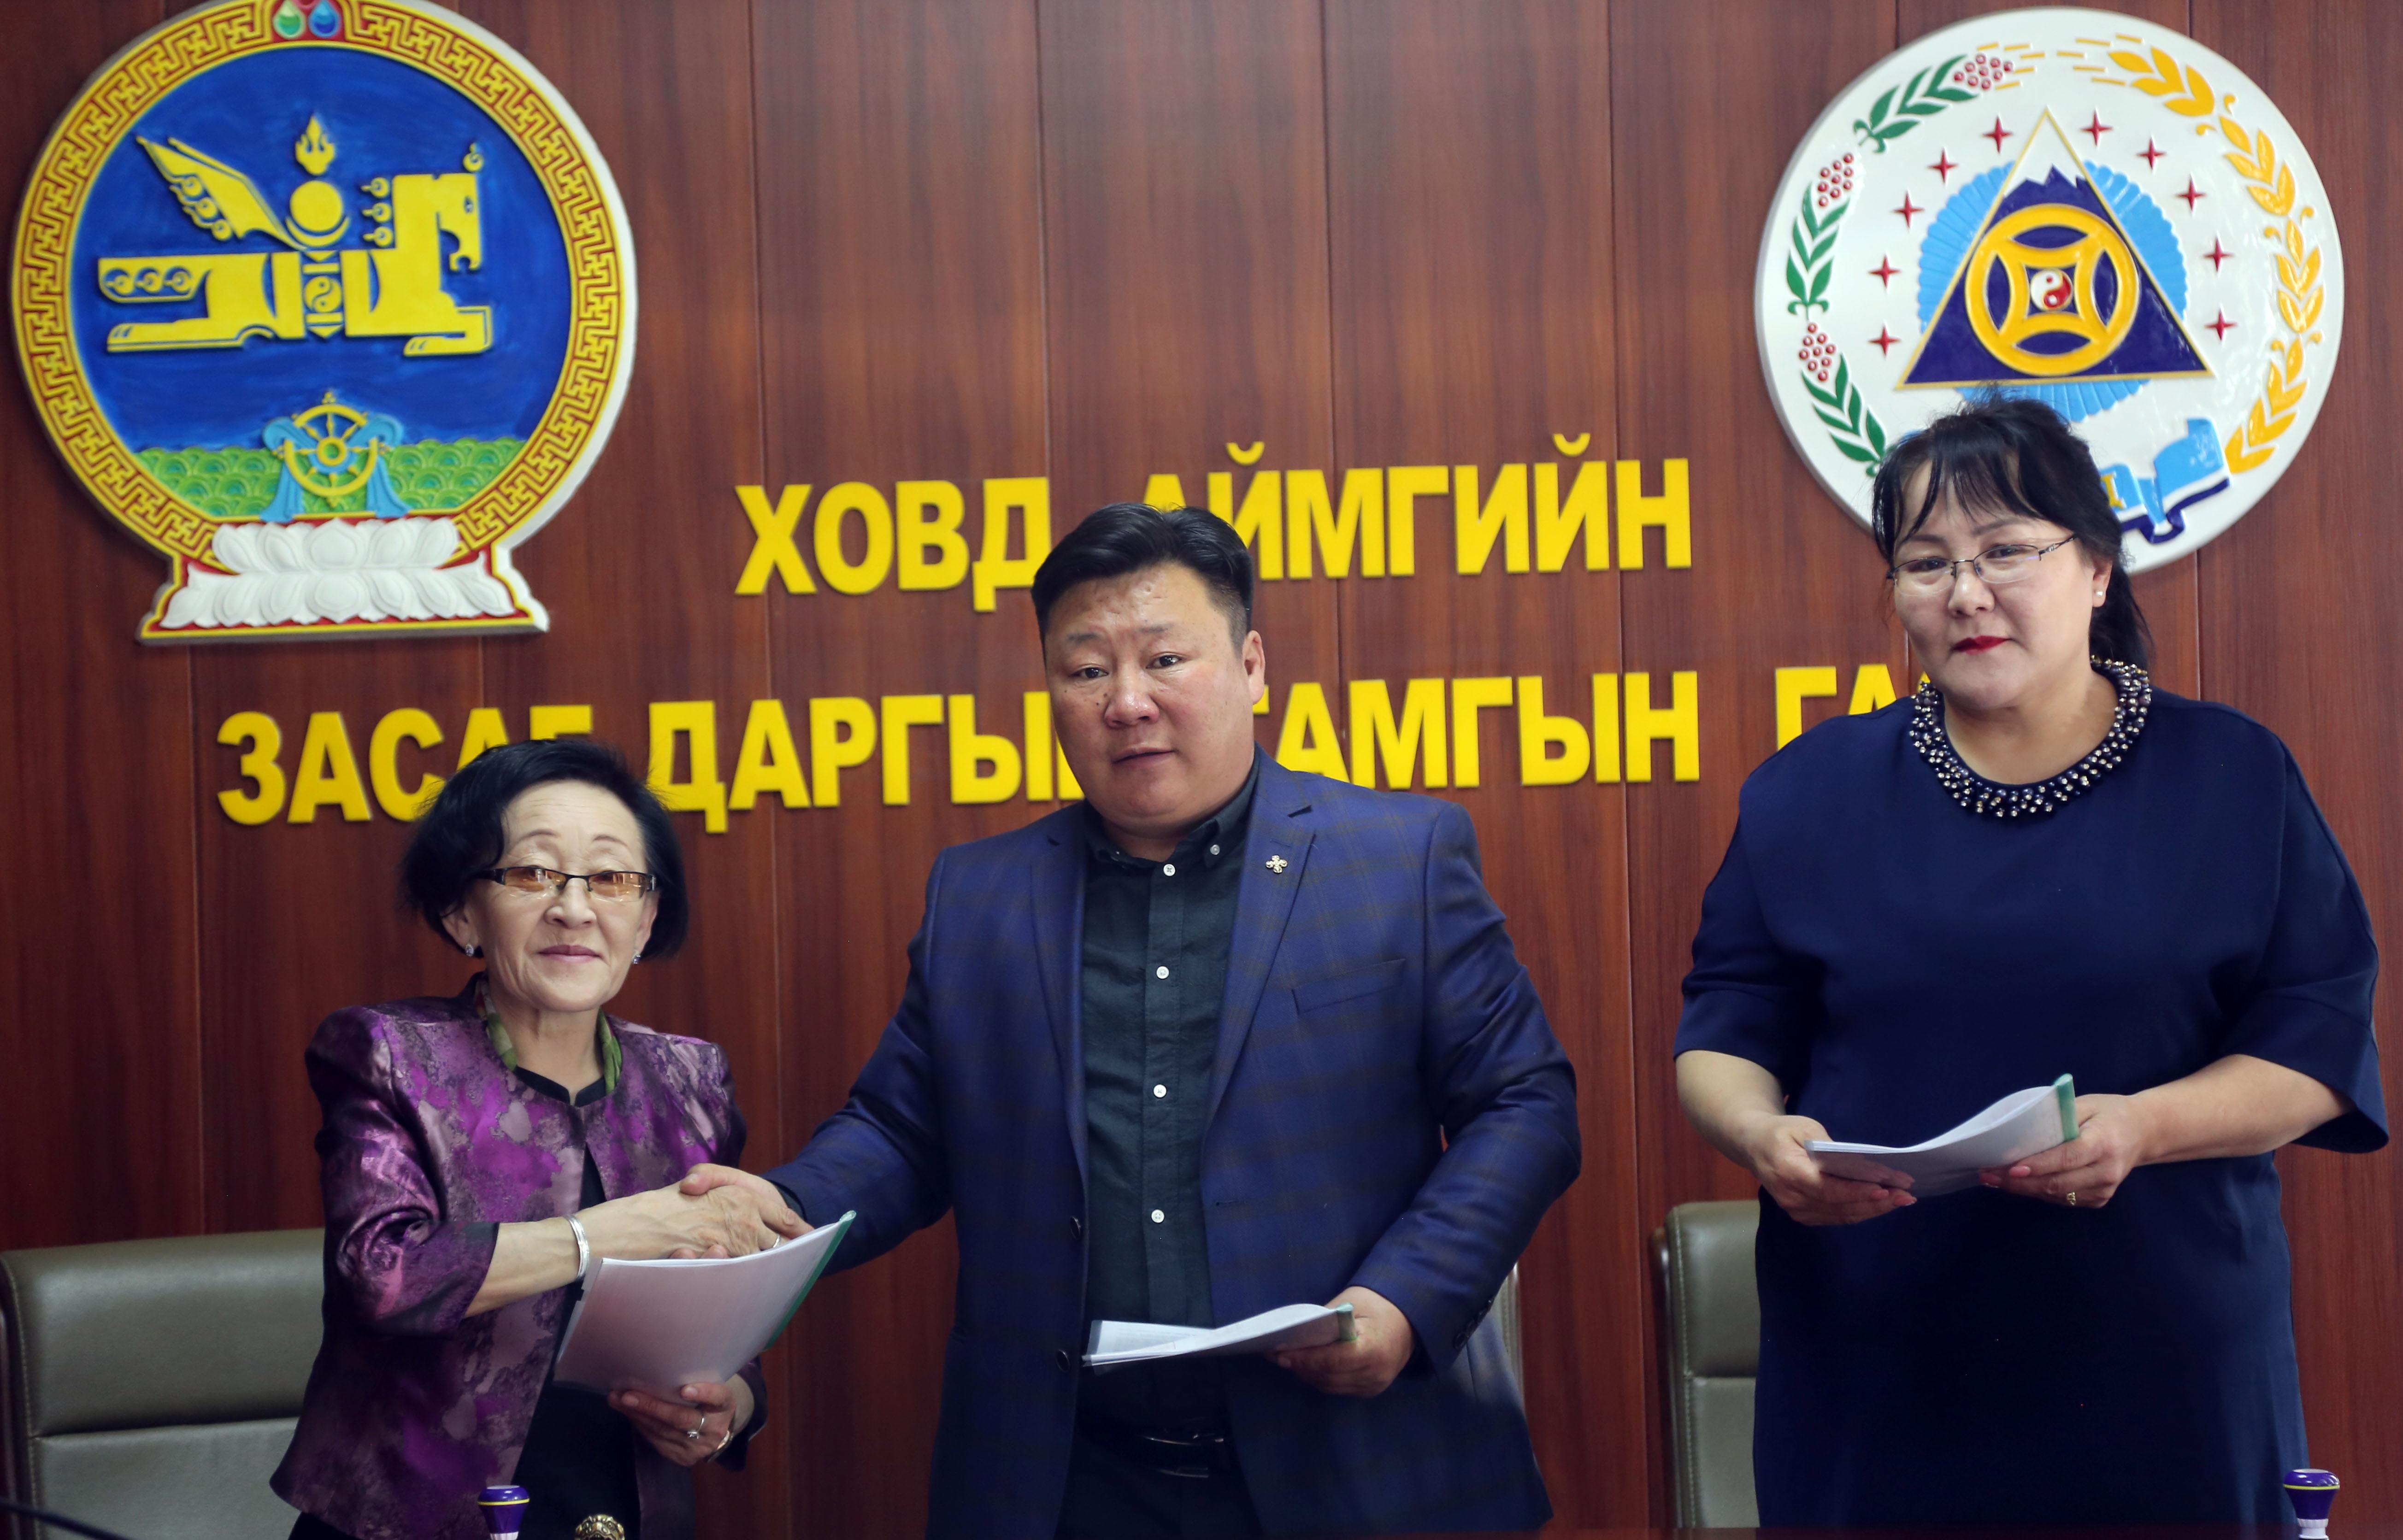 """Монгол Улсын Эрүүл мэндийн тухай хуульд """"Өрхийн эрүүл мэндийн төв"""